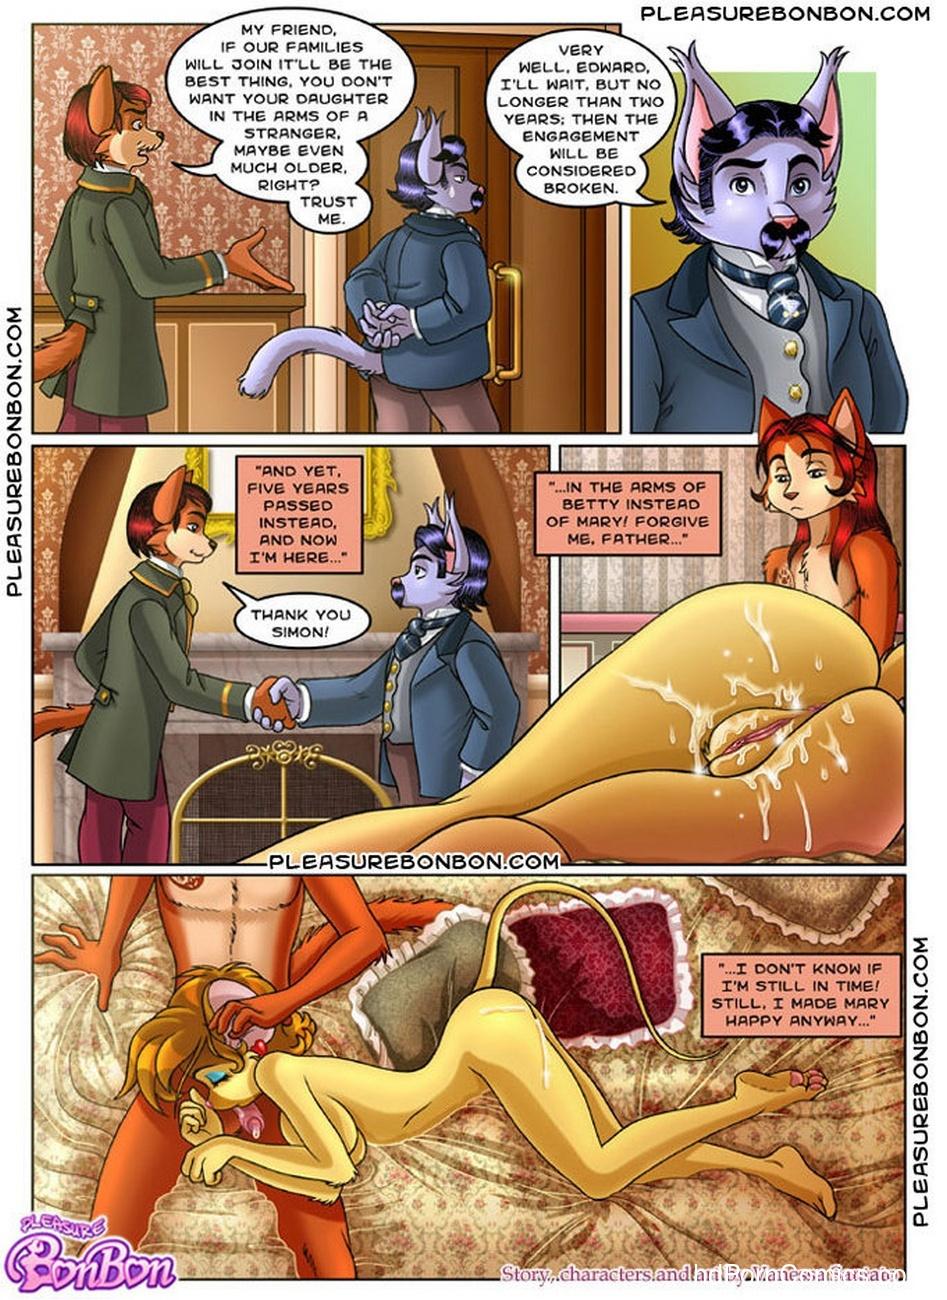 Pleasure Bon Bon 6 - The Triangle 14 free sex comic